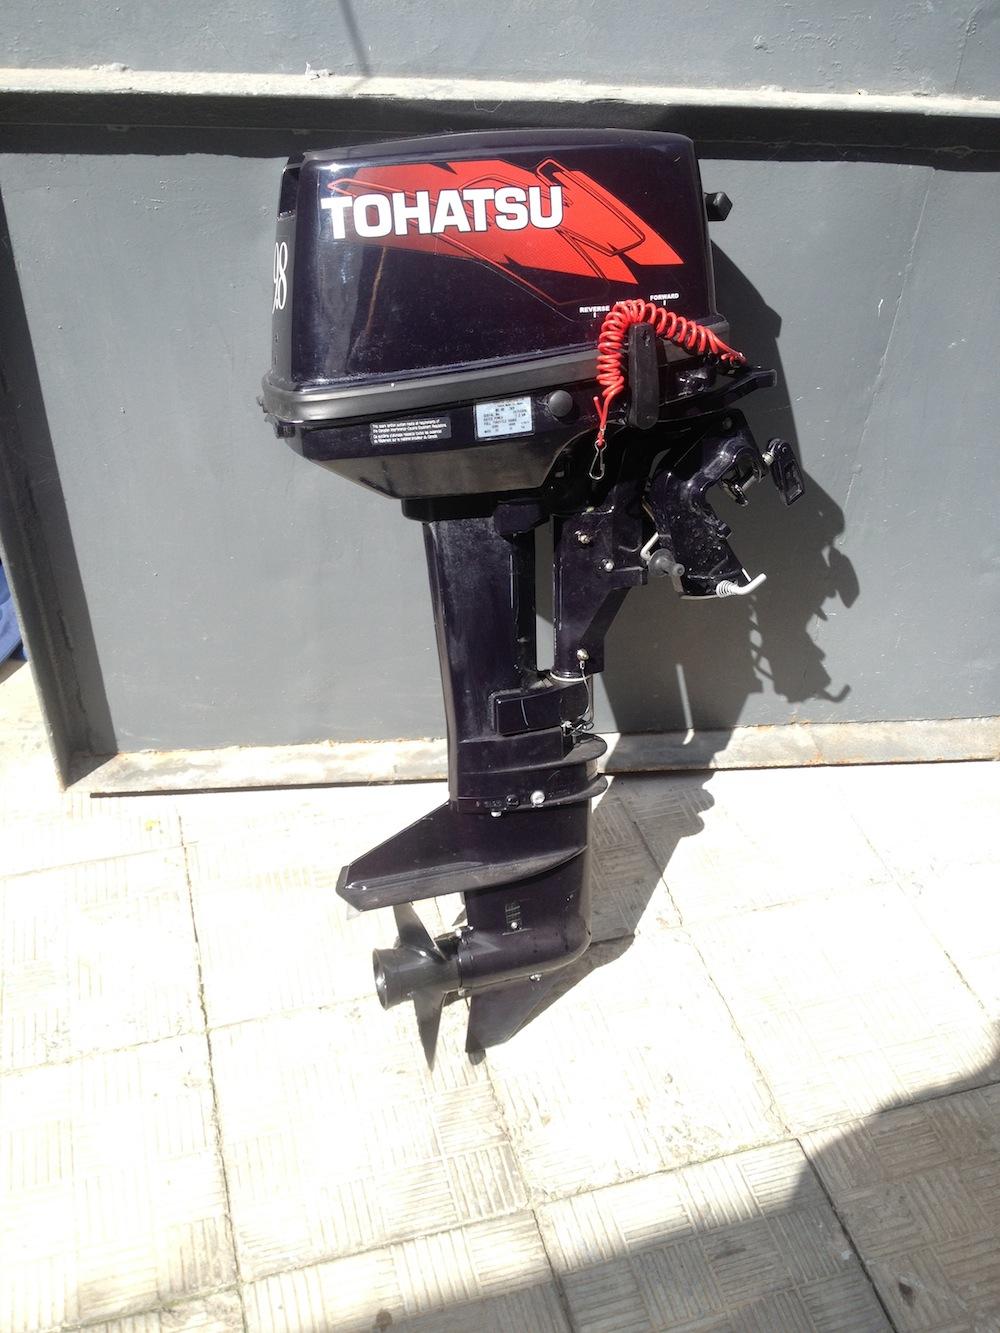 мотор tohatsu m 9.8 s в москве